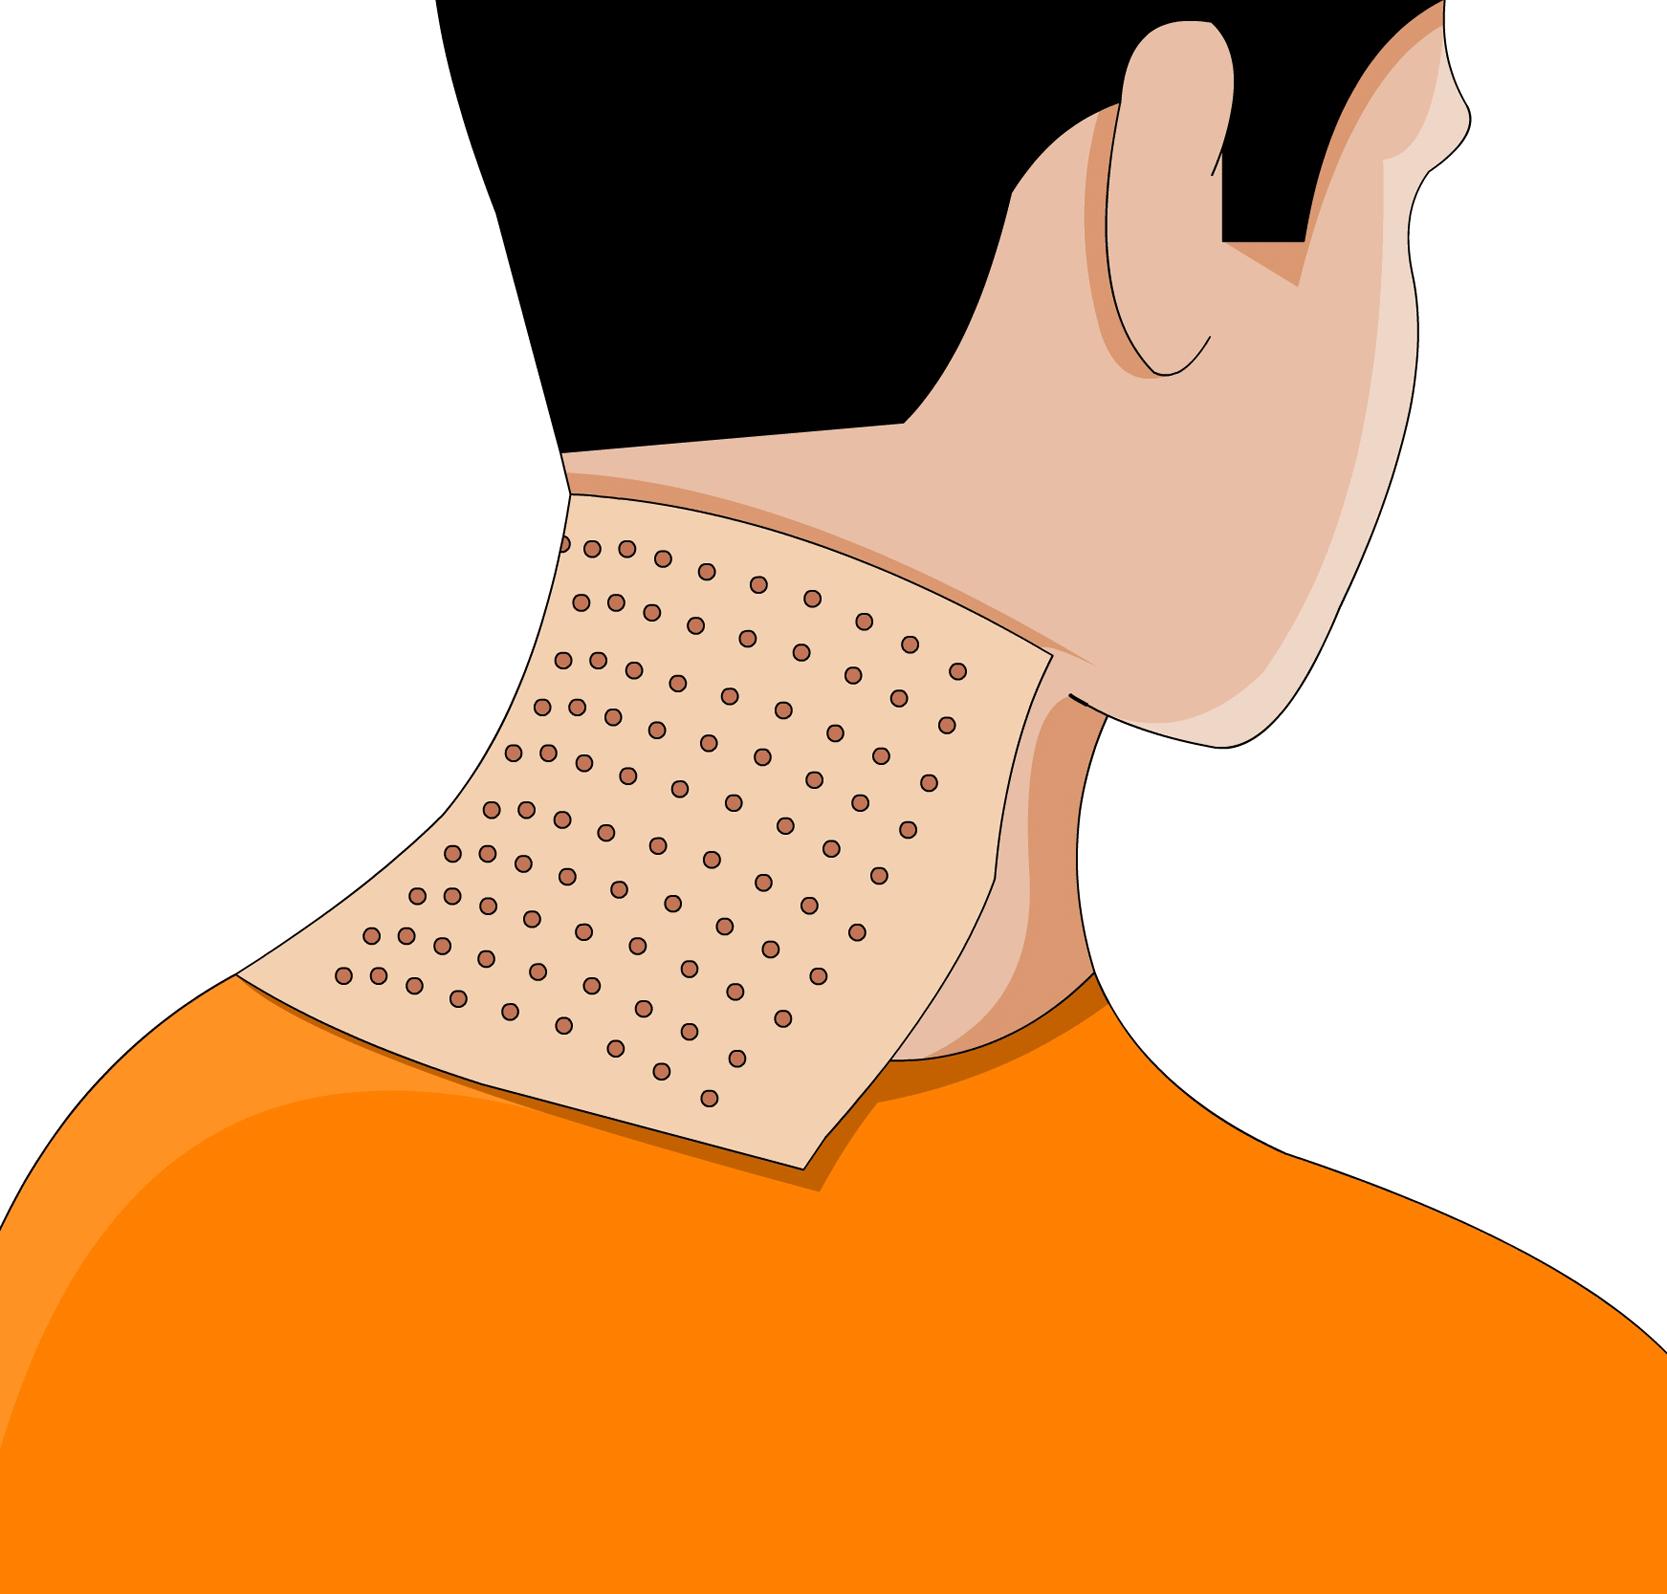 Wärmepflaster Gegen Nackenschmerzen